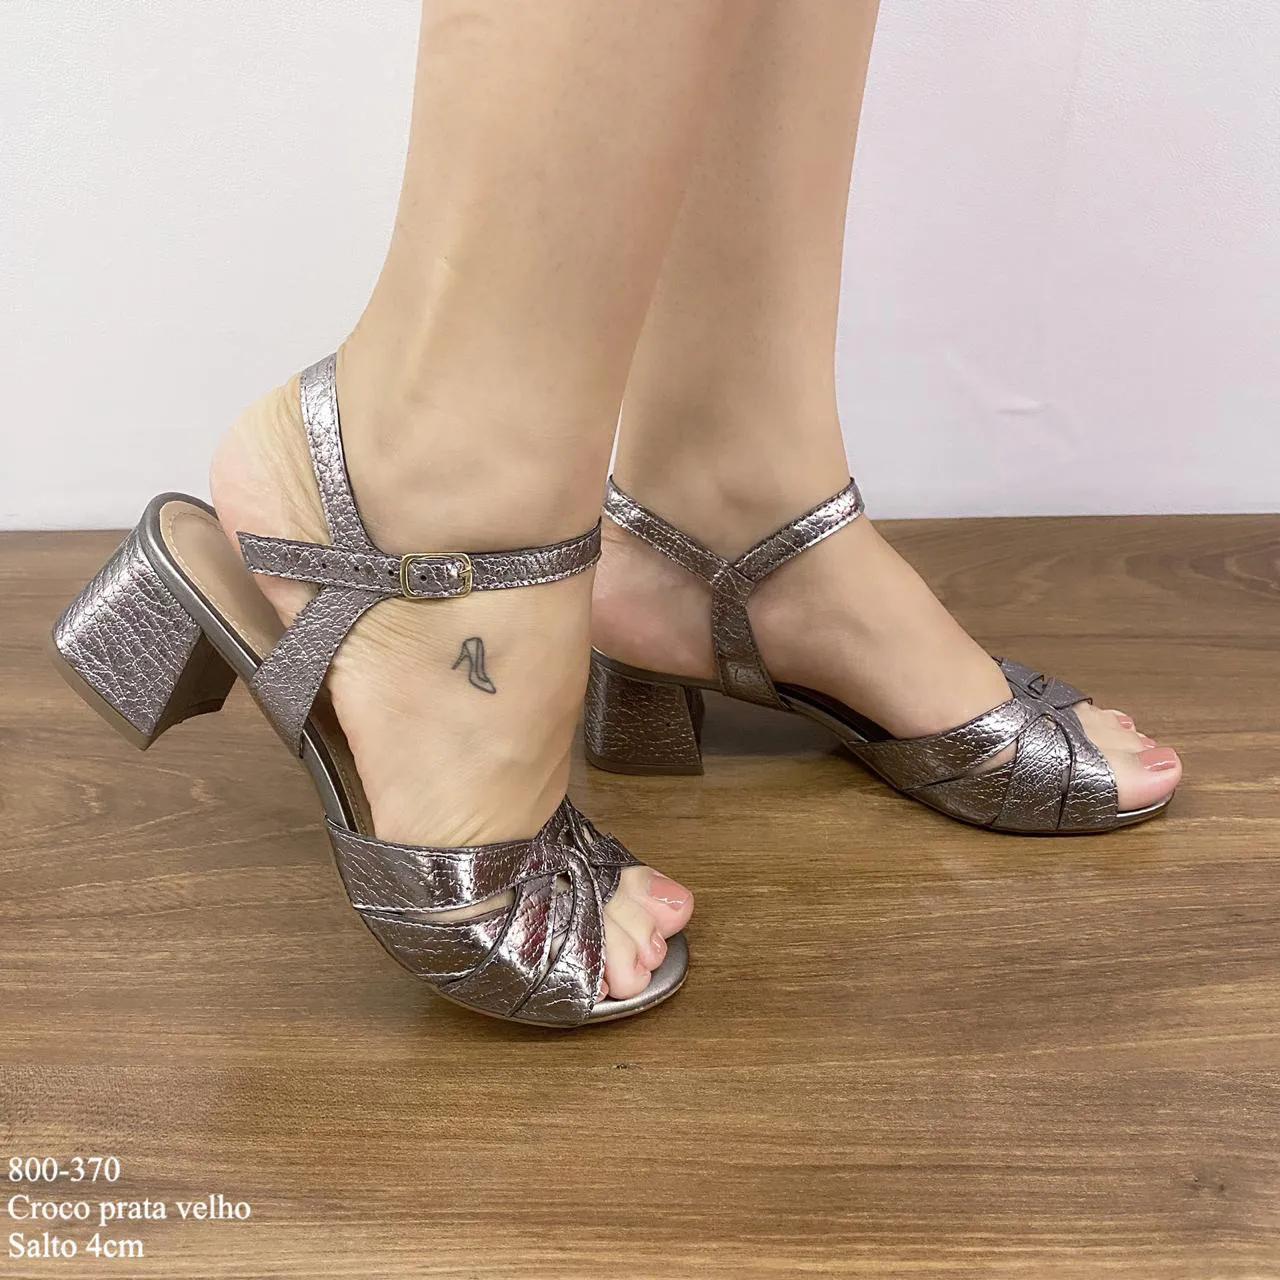 Sandália Prata Velho Croco Salto Bloco | D-800-370